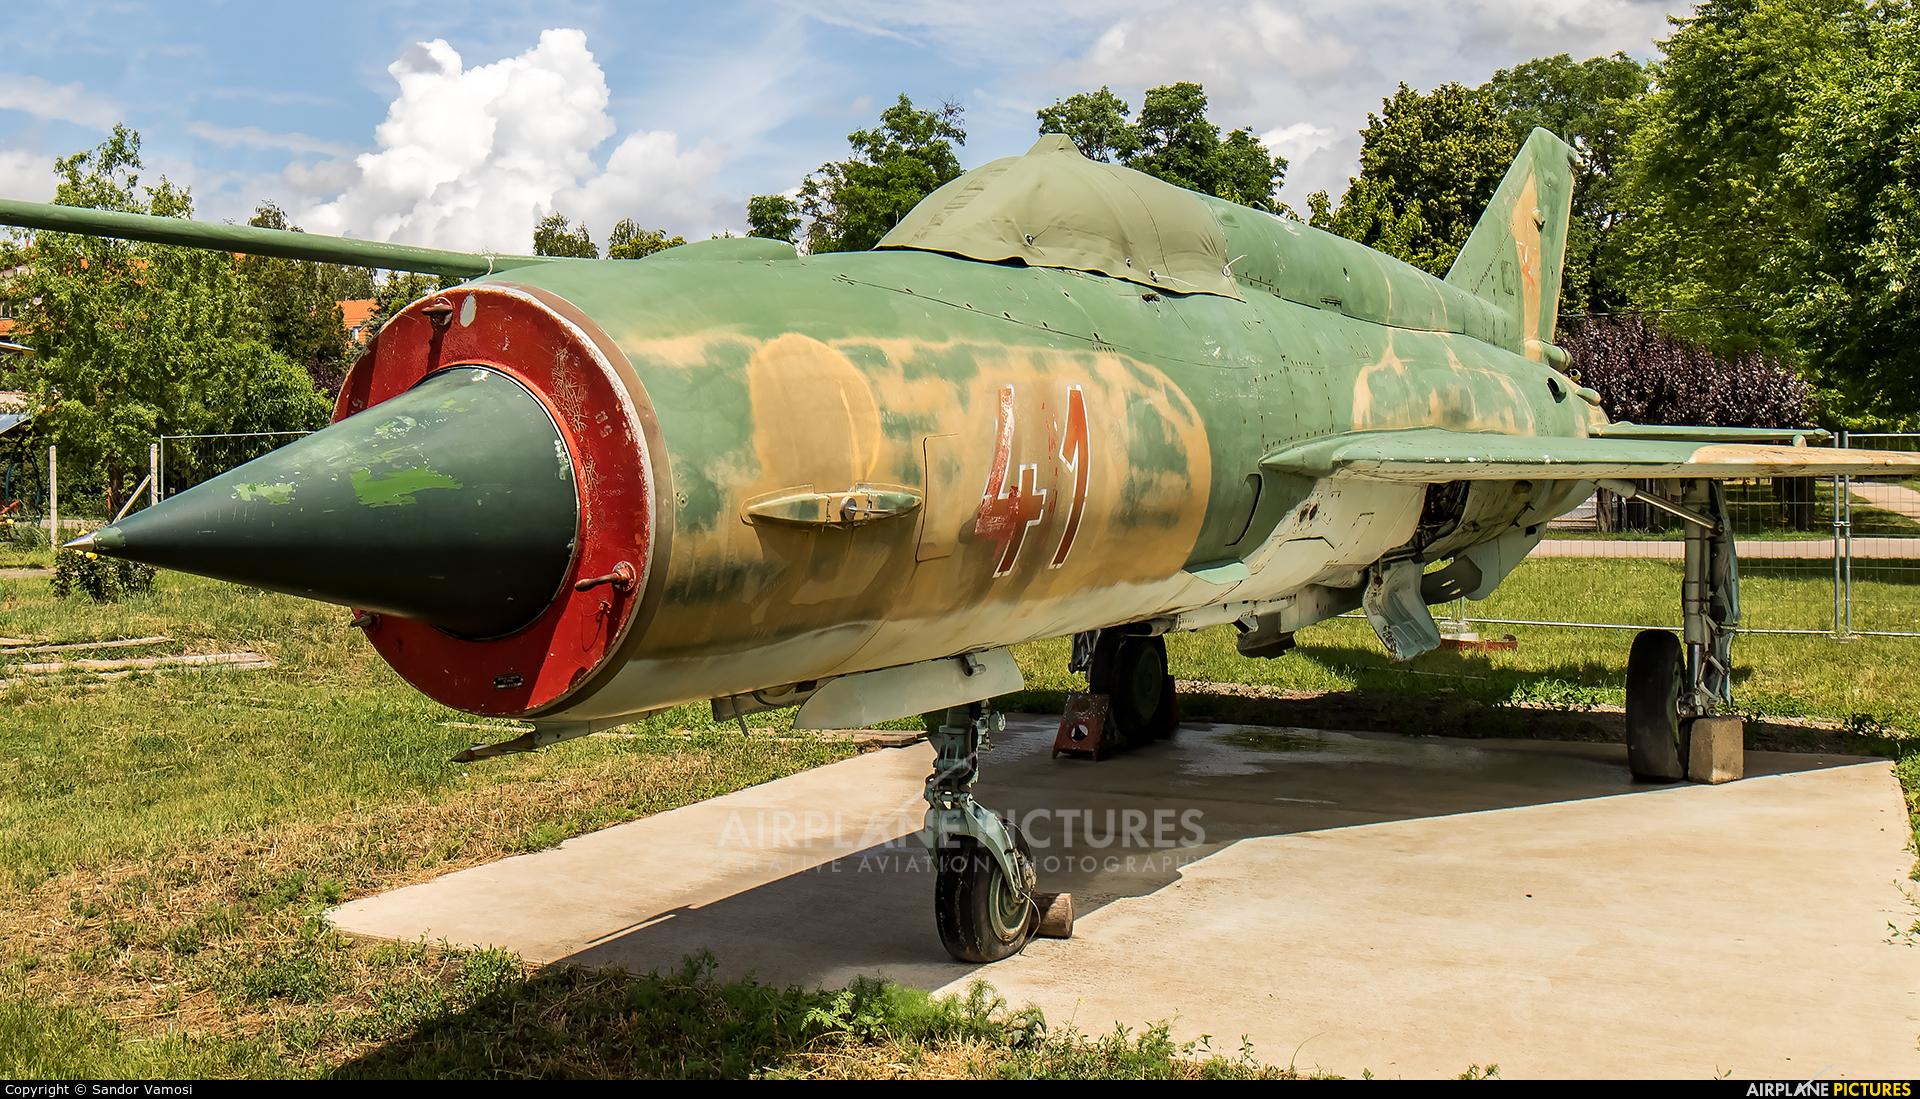 Hungary - Air Force 41 aircraft at Off Airport - Hungary